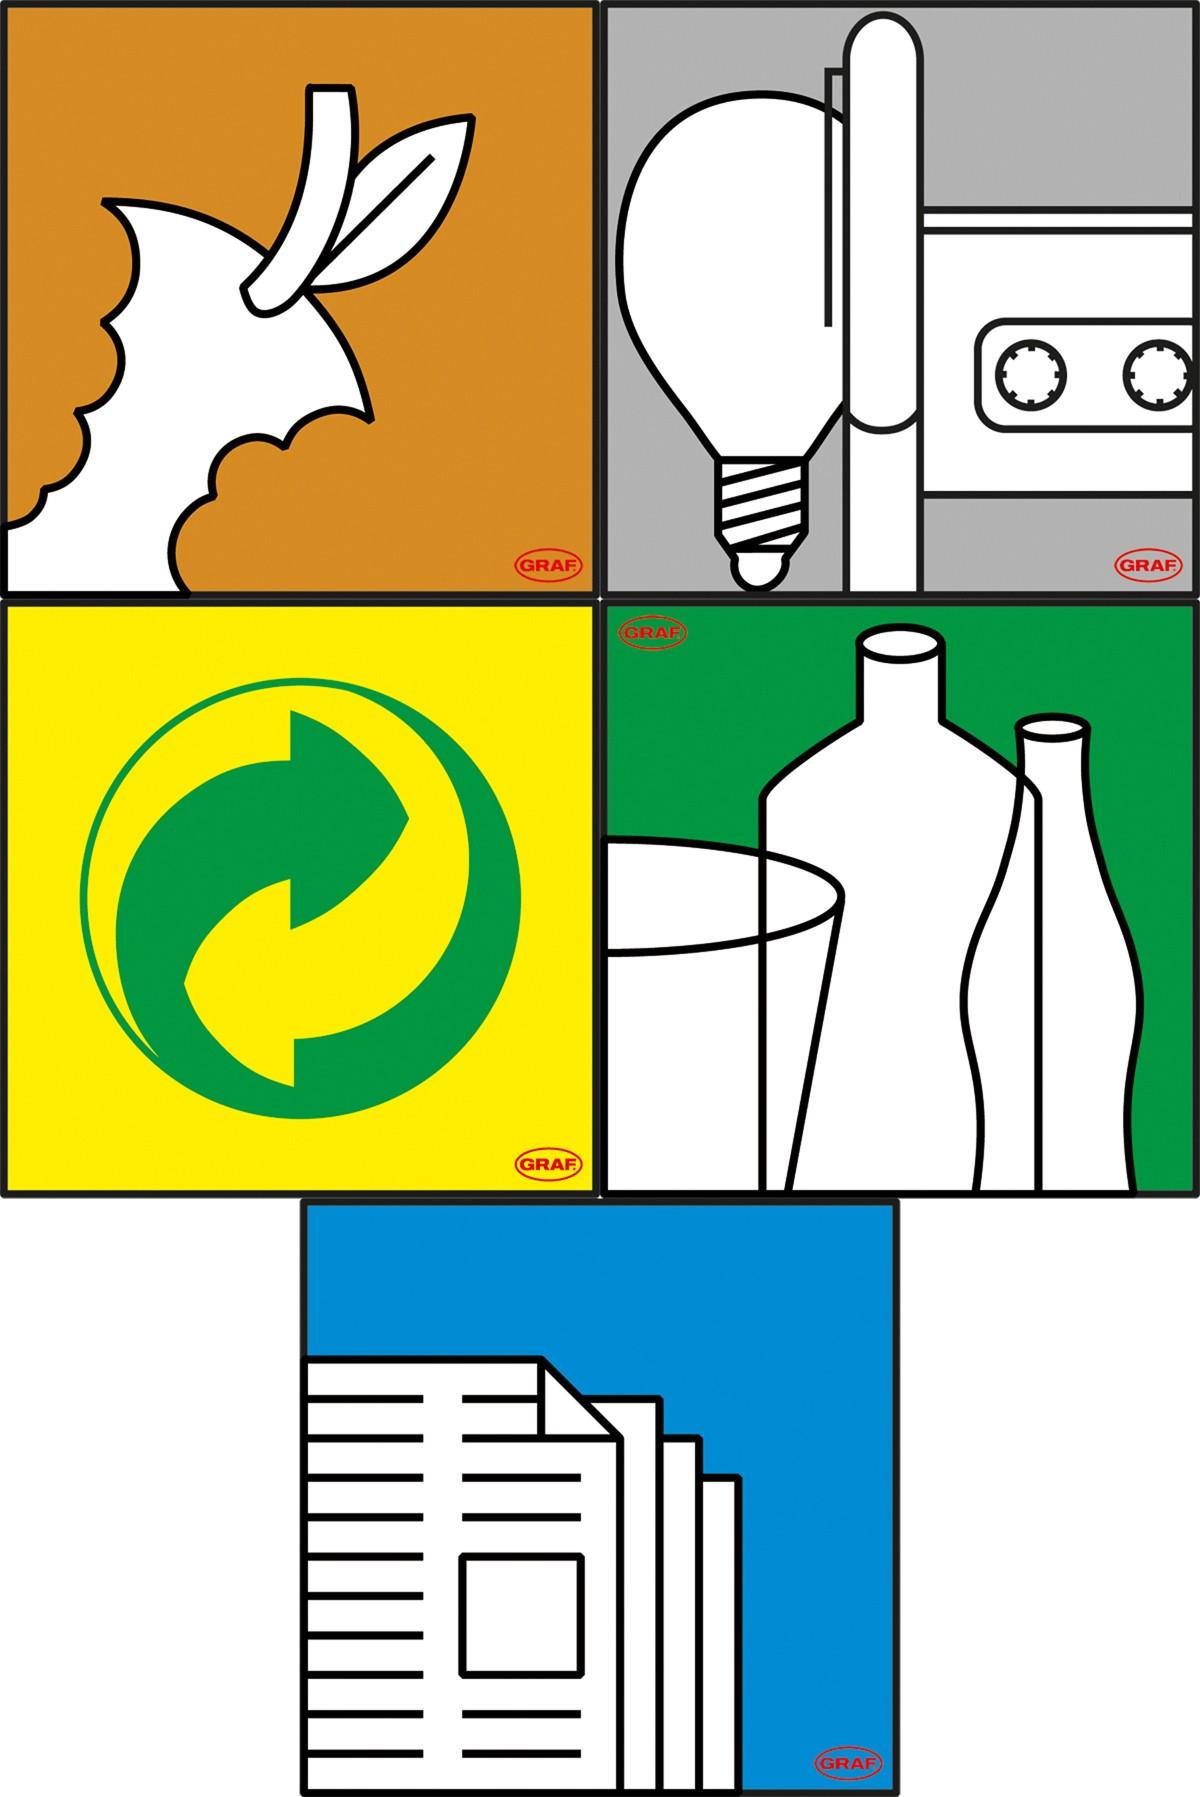 Aufklebersatz für Mehrzweck-Behälter Graf 778500 Bild 1